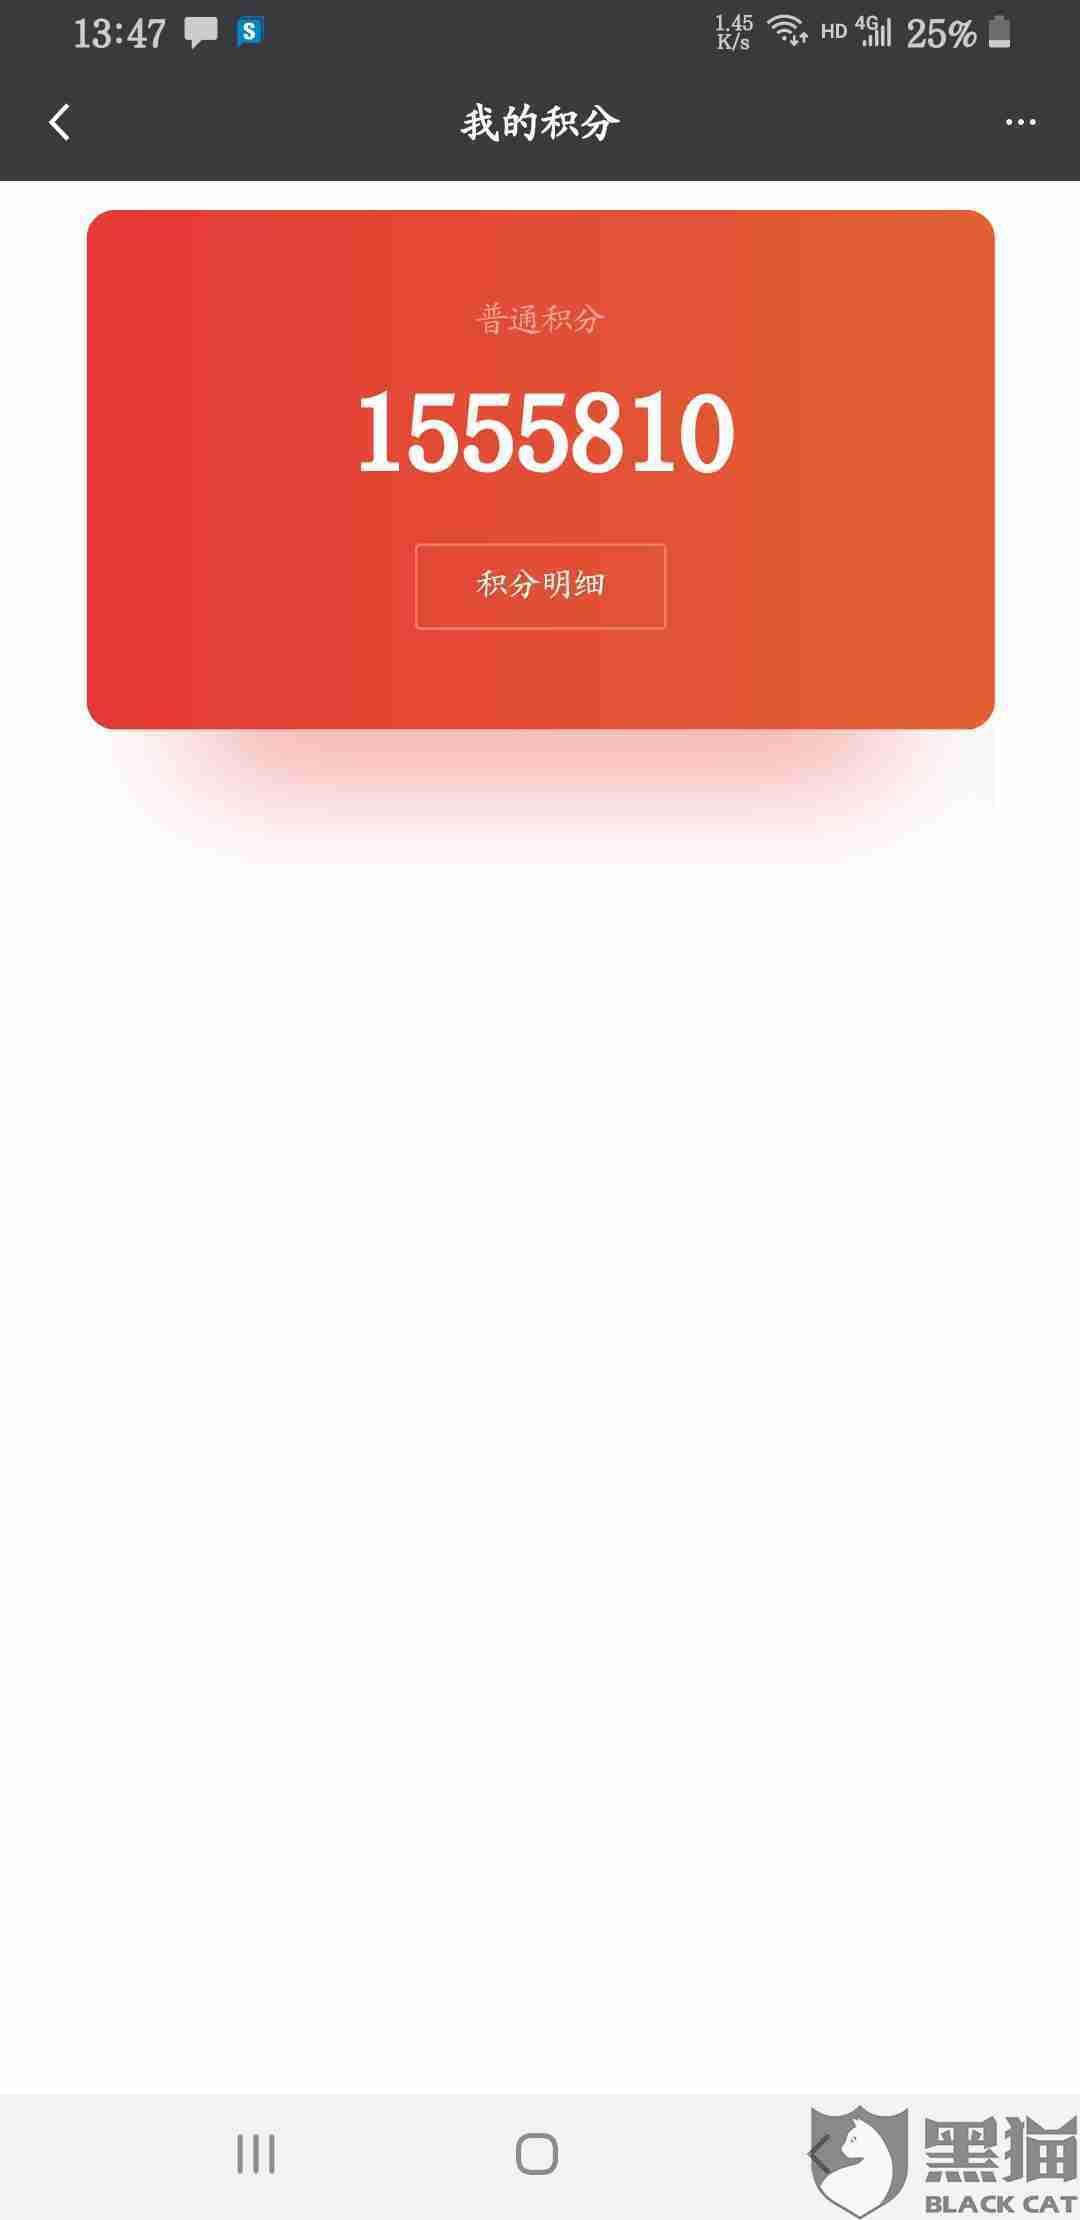 黑猫投诉:广发银行信用卡,积分兑换我试了5--6个月时间,在不同的时间段都不行